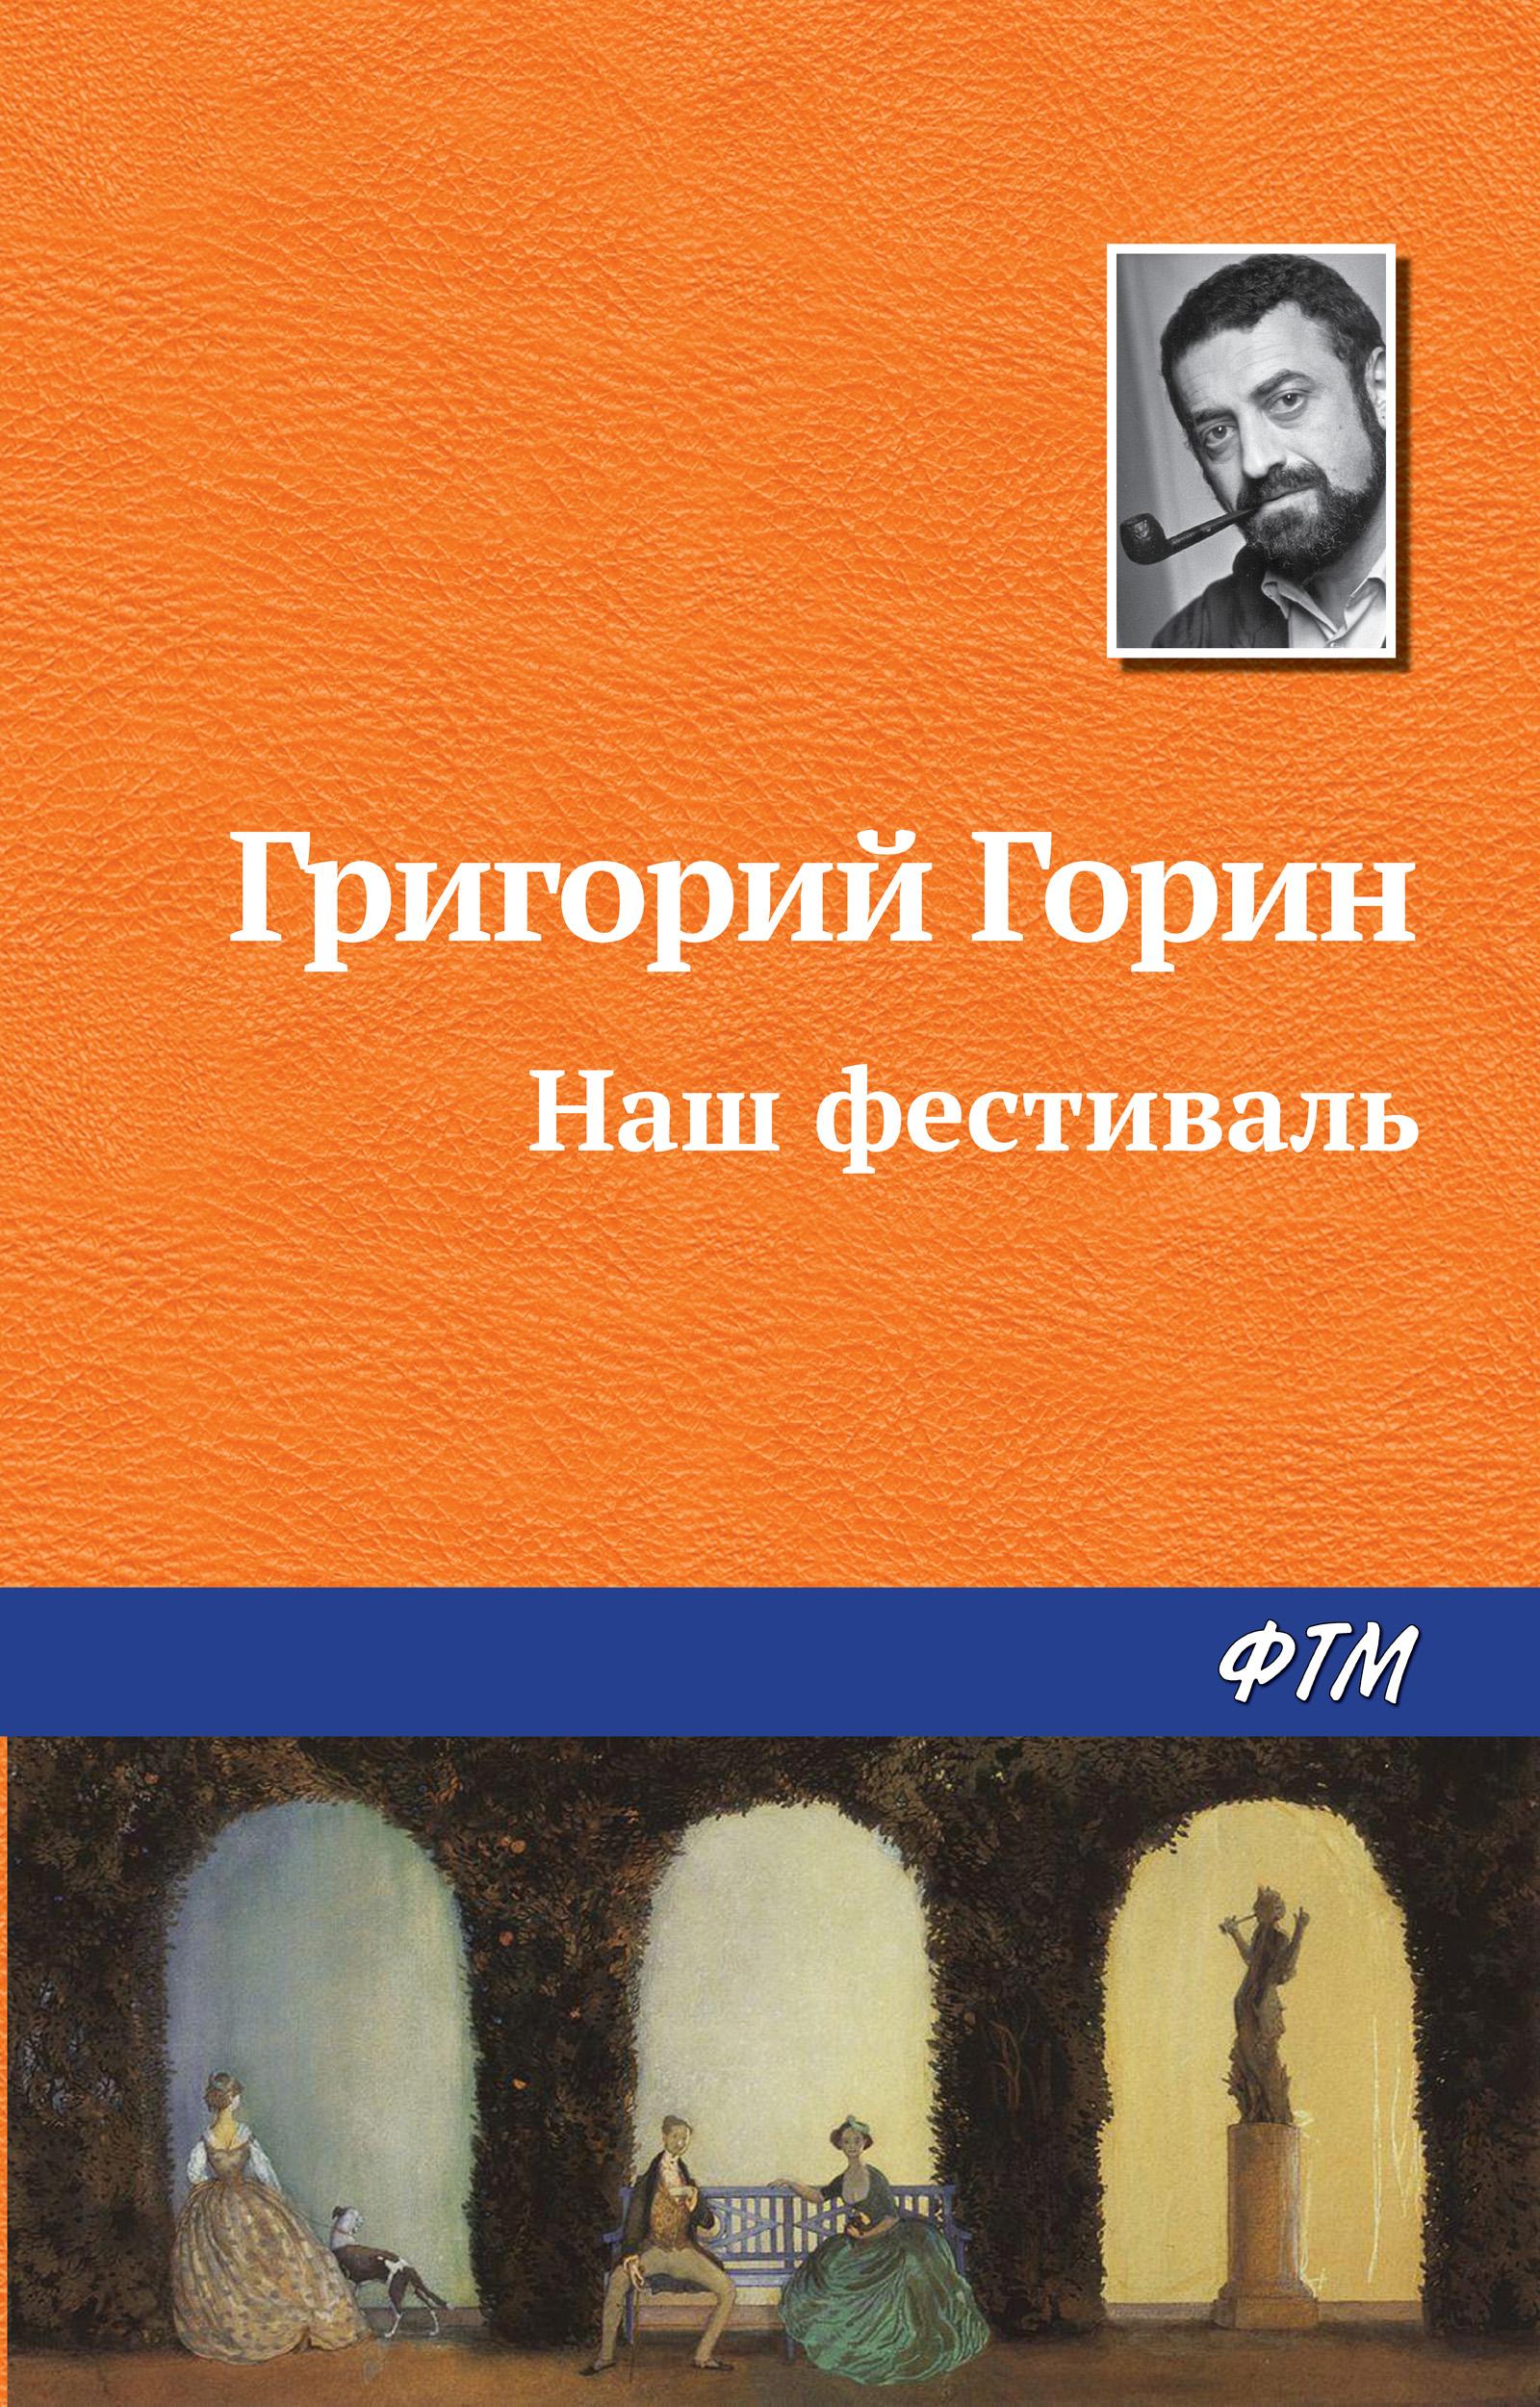 цены на Григорий Горин Наш фестиваль  в интернет-магазинах